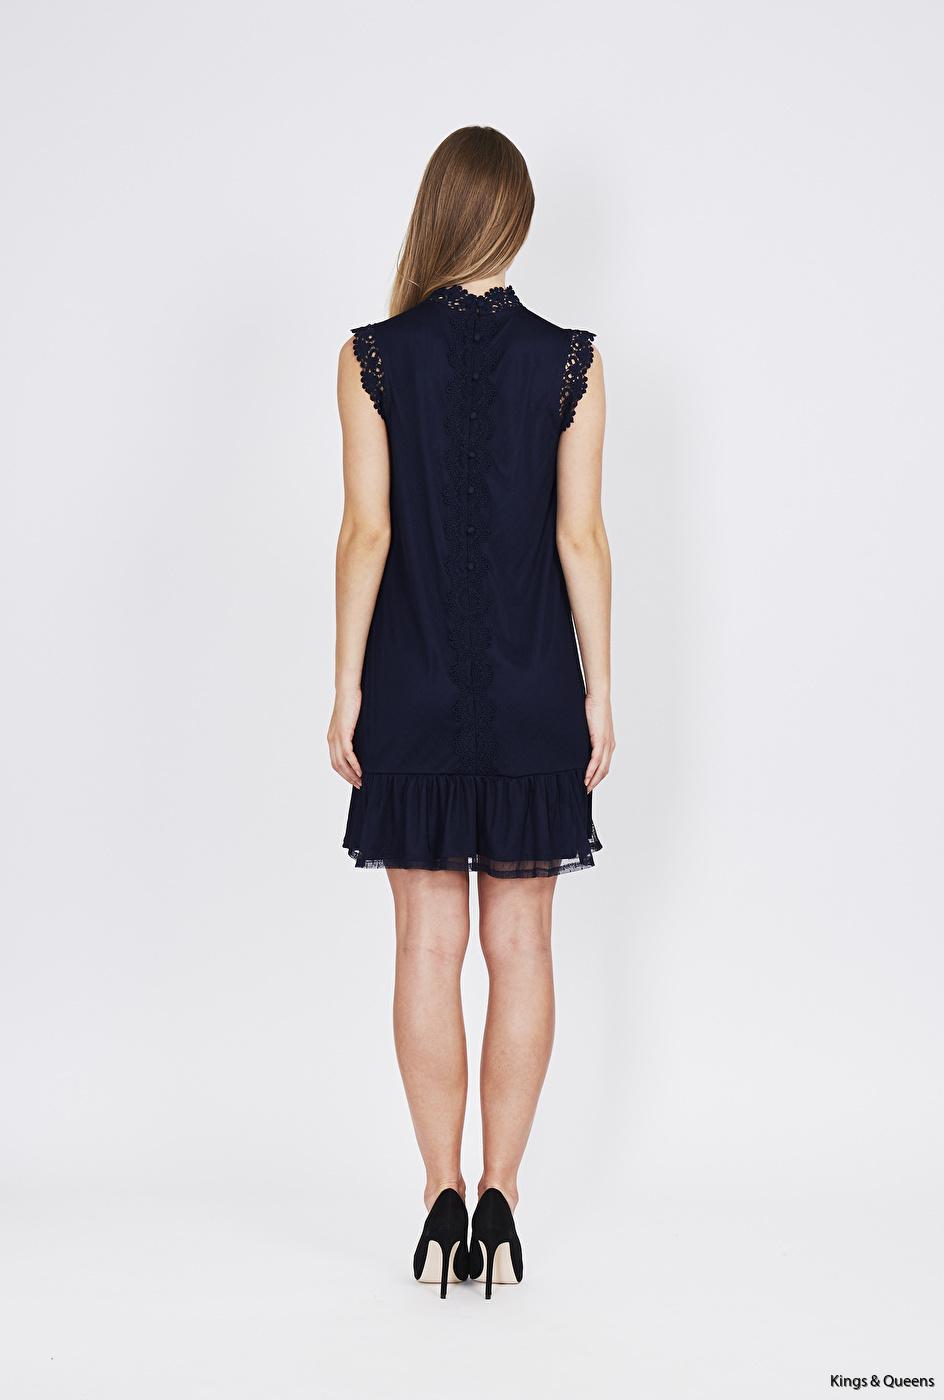 DL-17-07-18 Hidden dress back